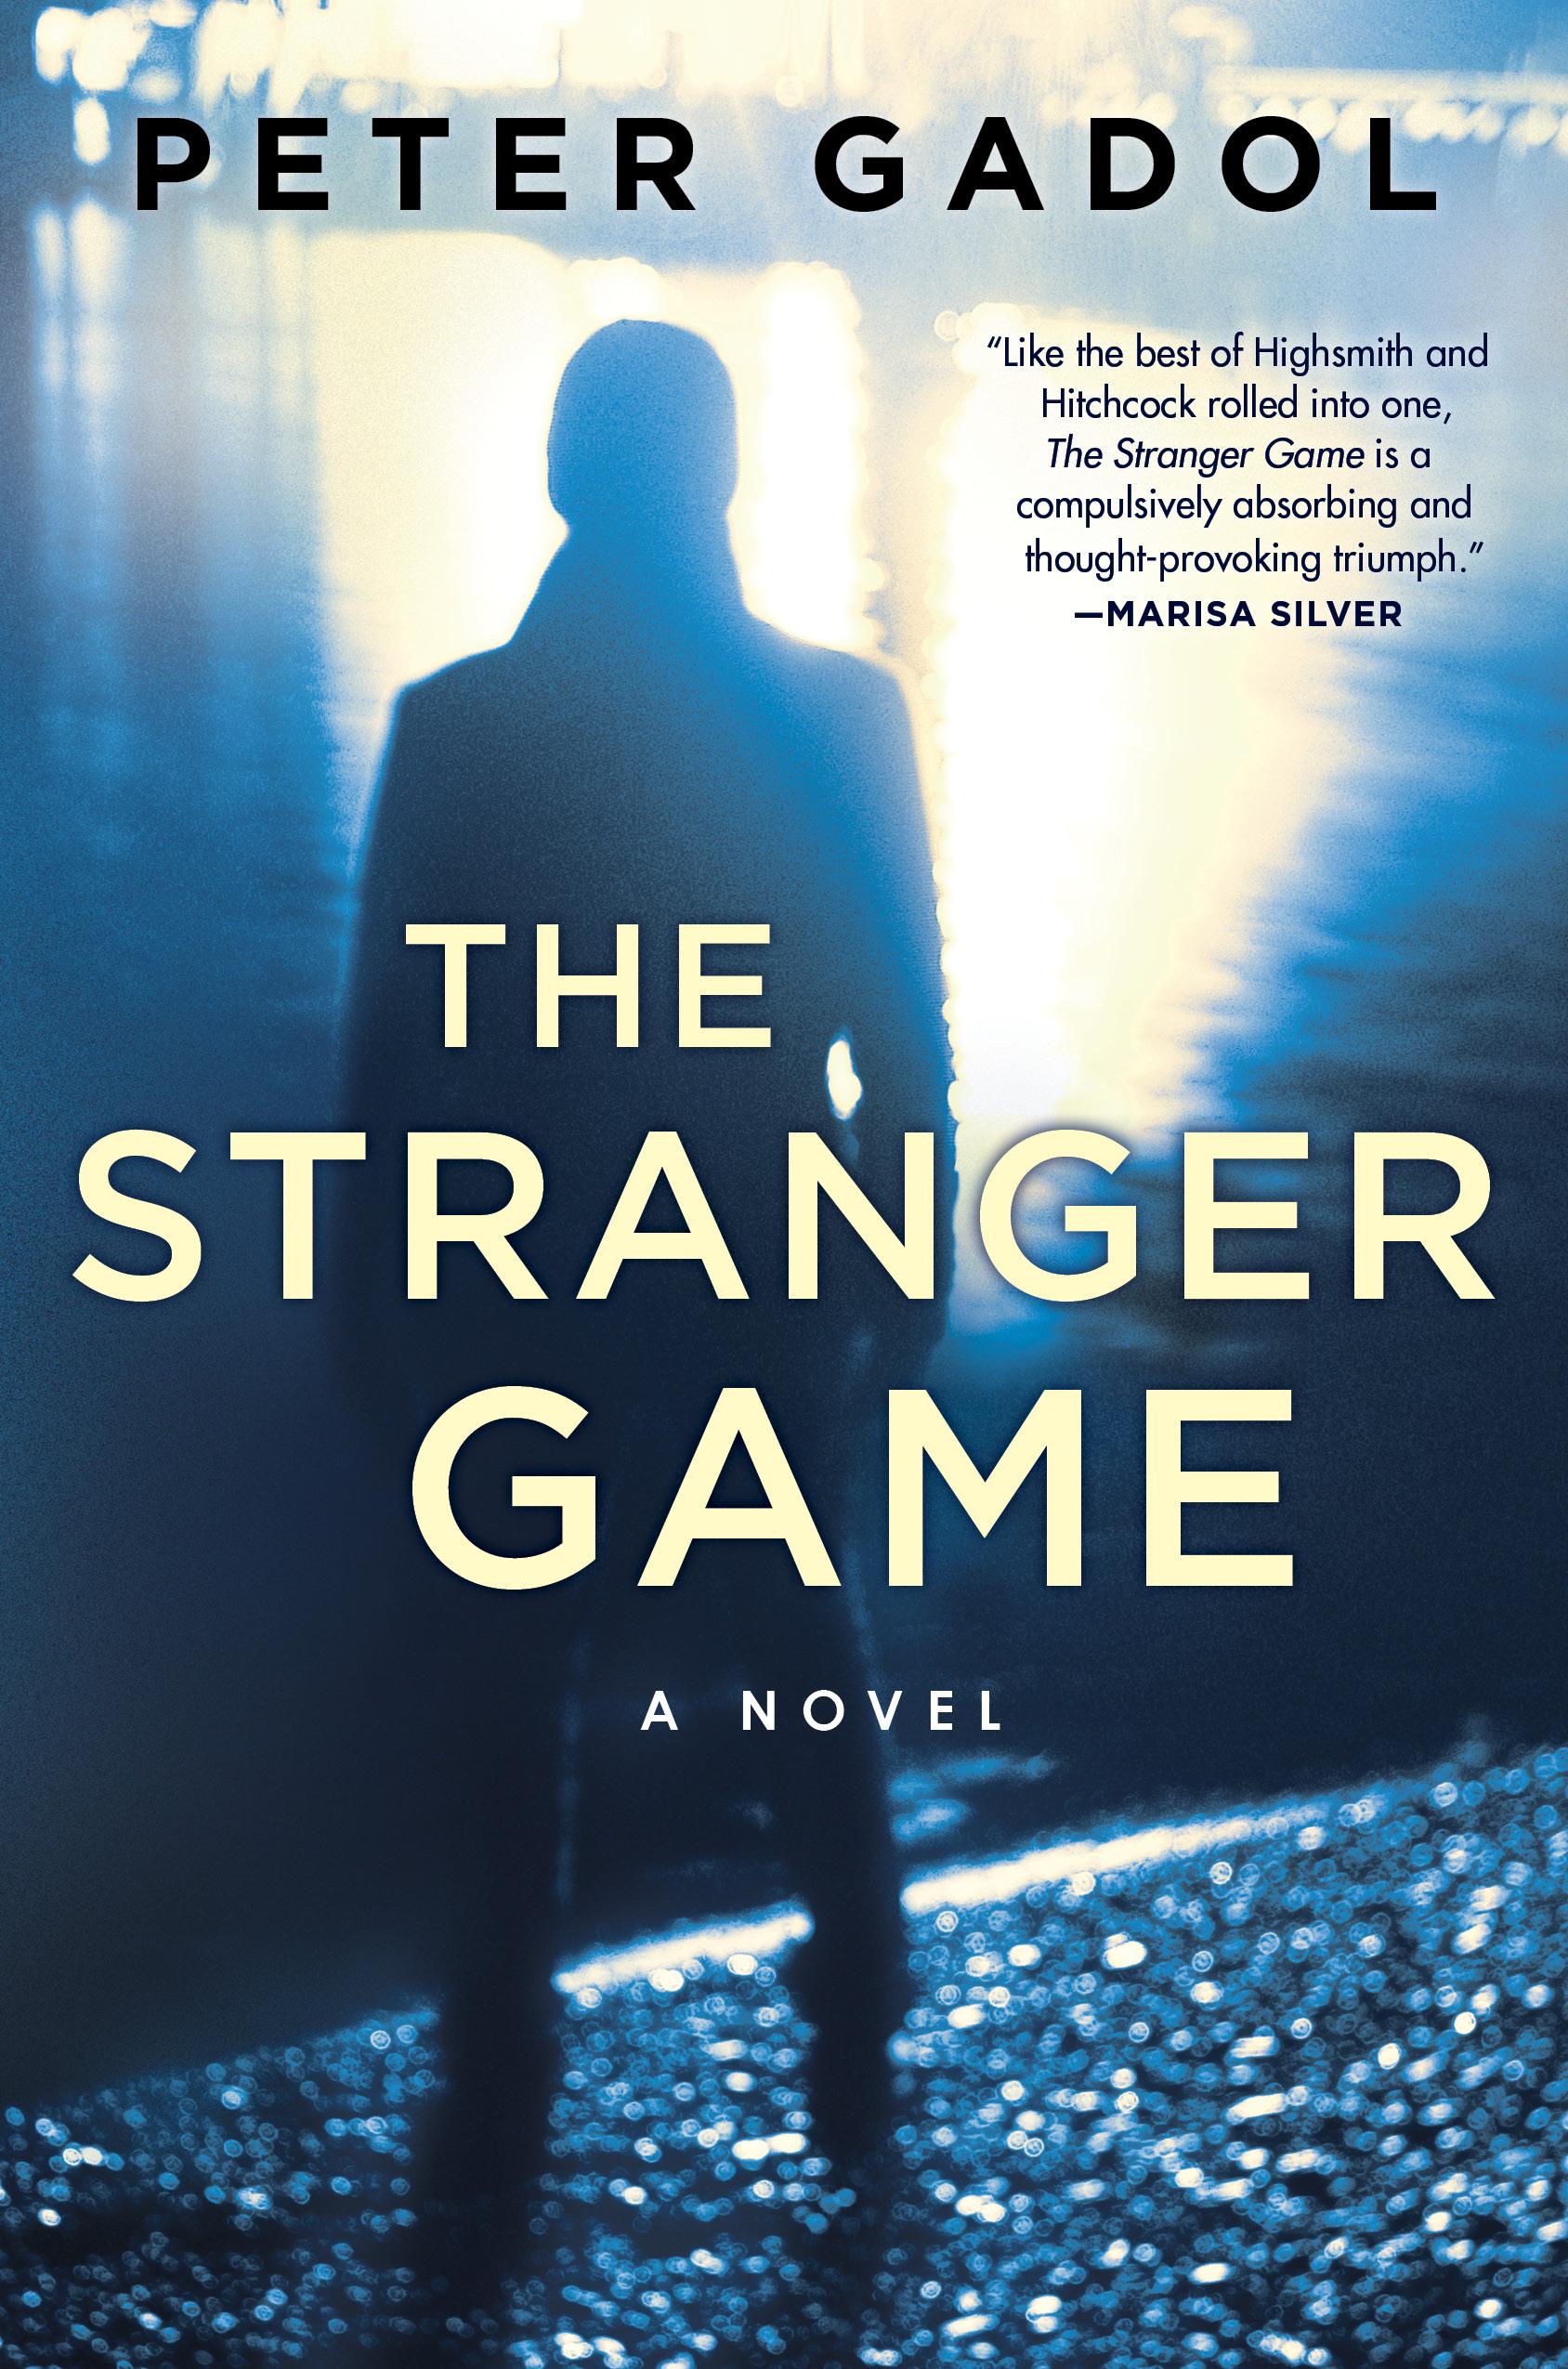 The Stranger Game Final Cover.jpg